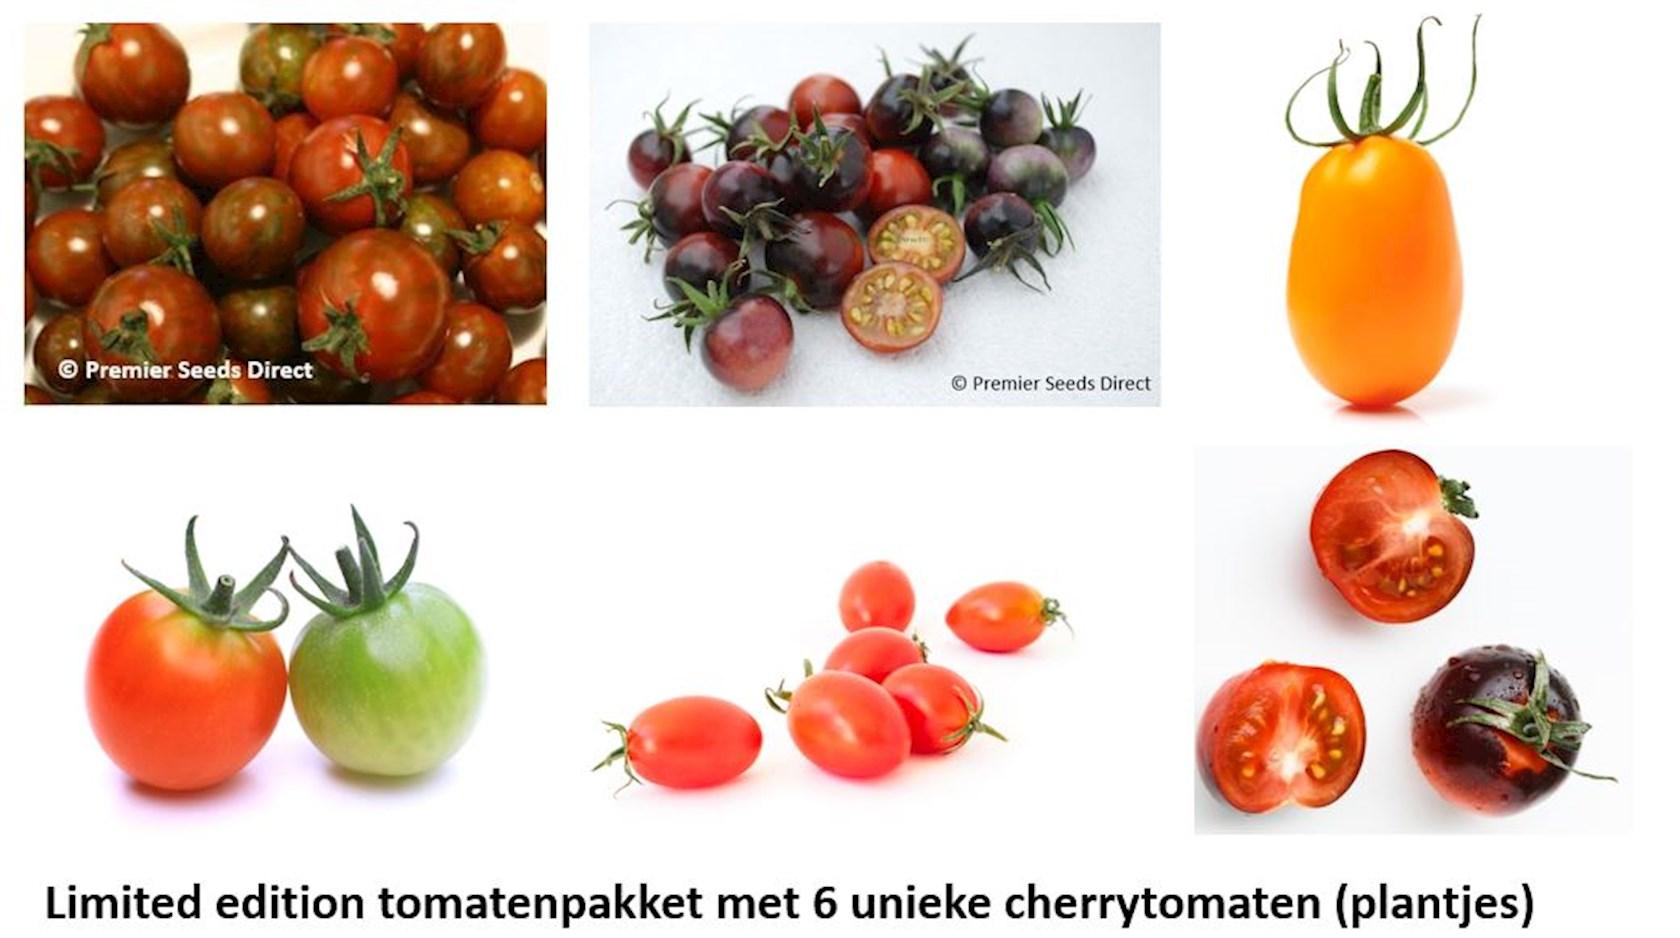 Tuindagen Beervelde uniek cherrytomaten pakket (6 soorten kerstomaten)